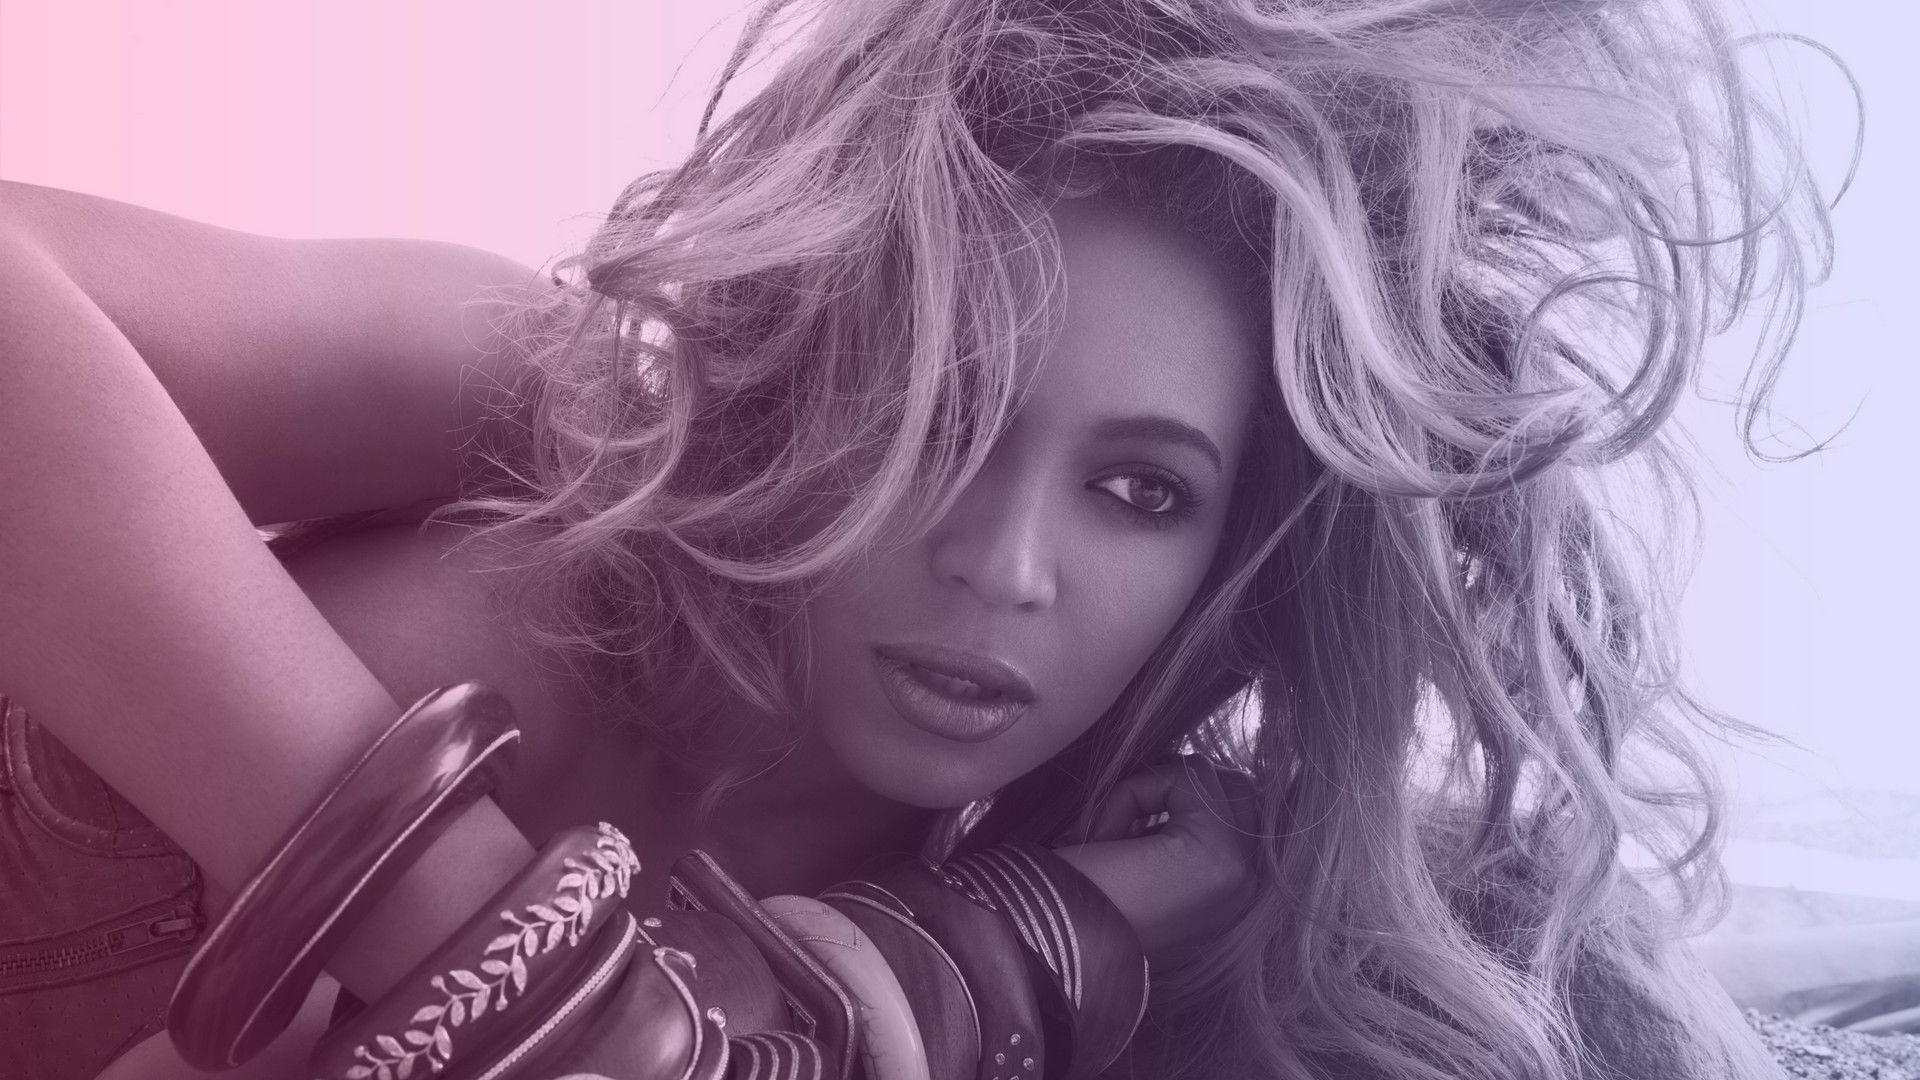 Beyonce Wallpaper Tumblr HD Wallpaper Bundle Beyonce